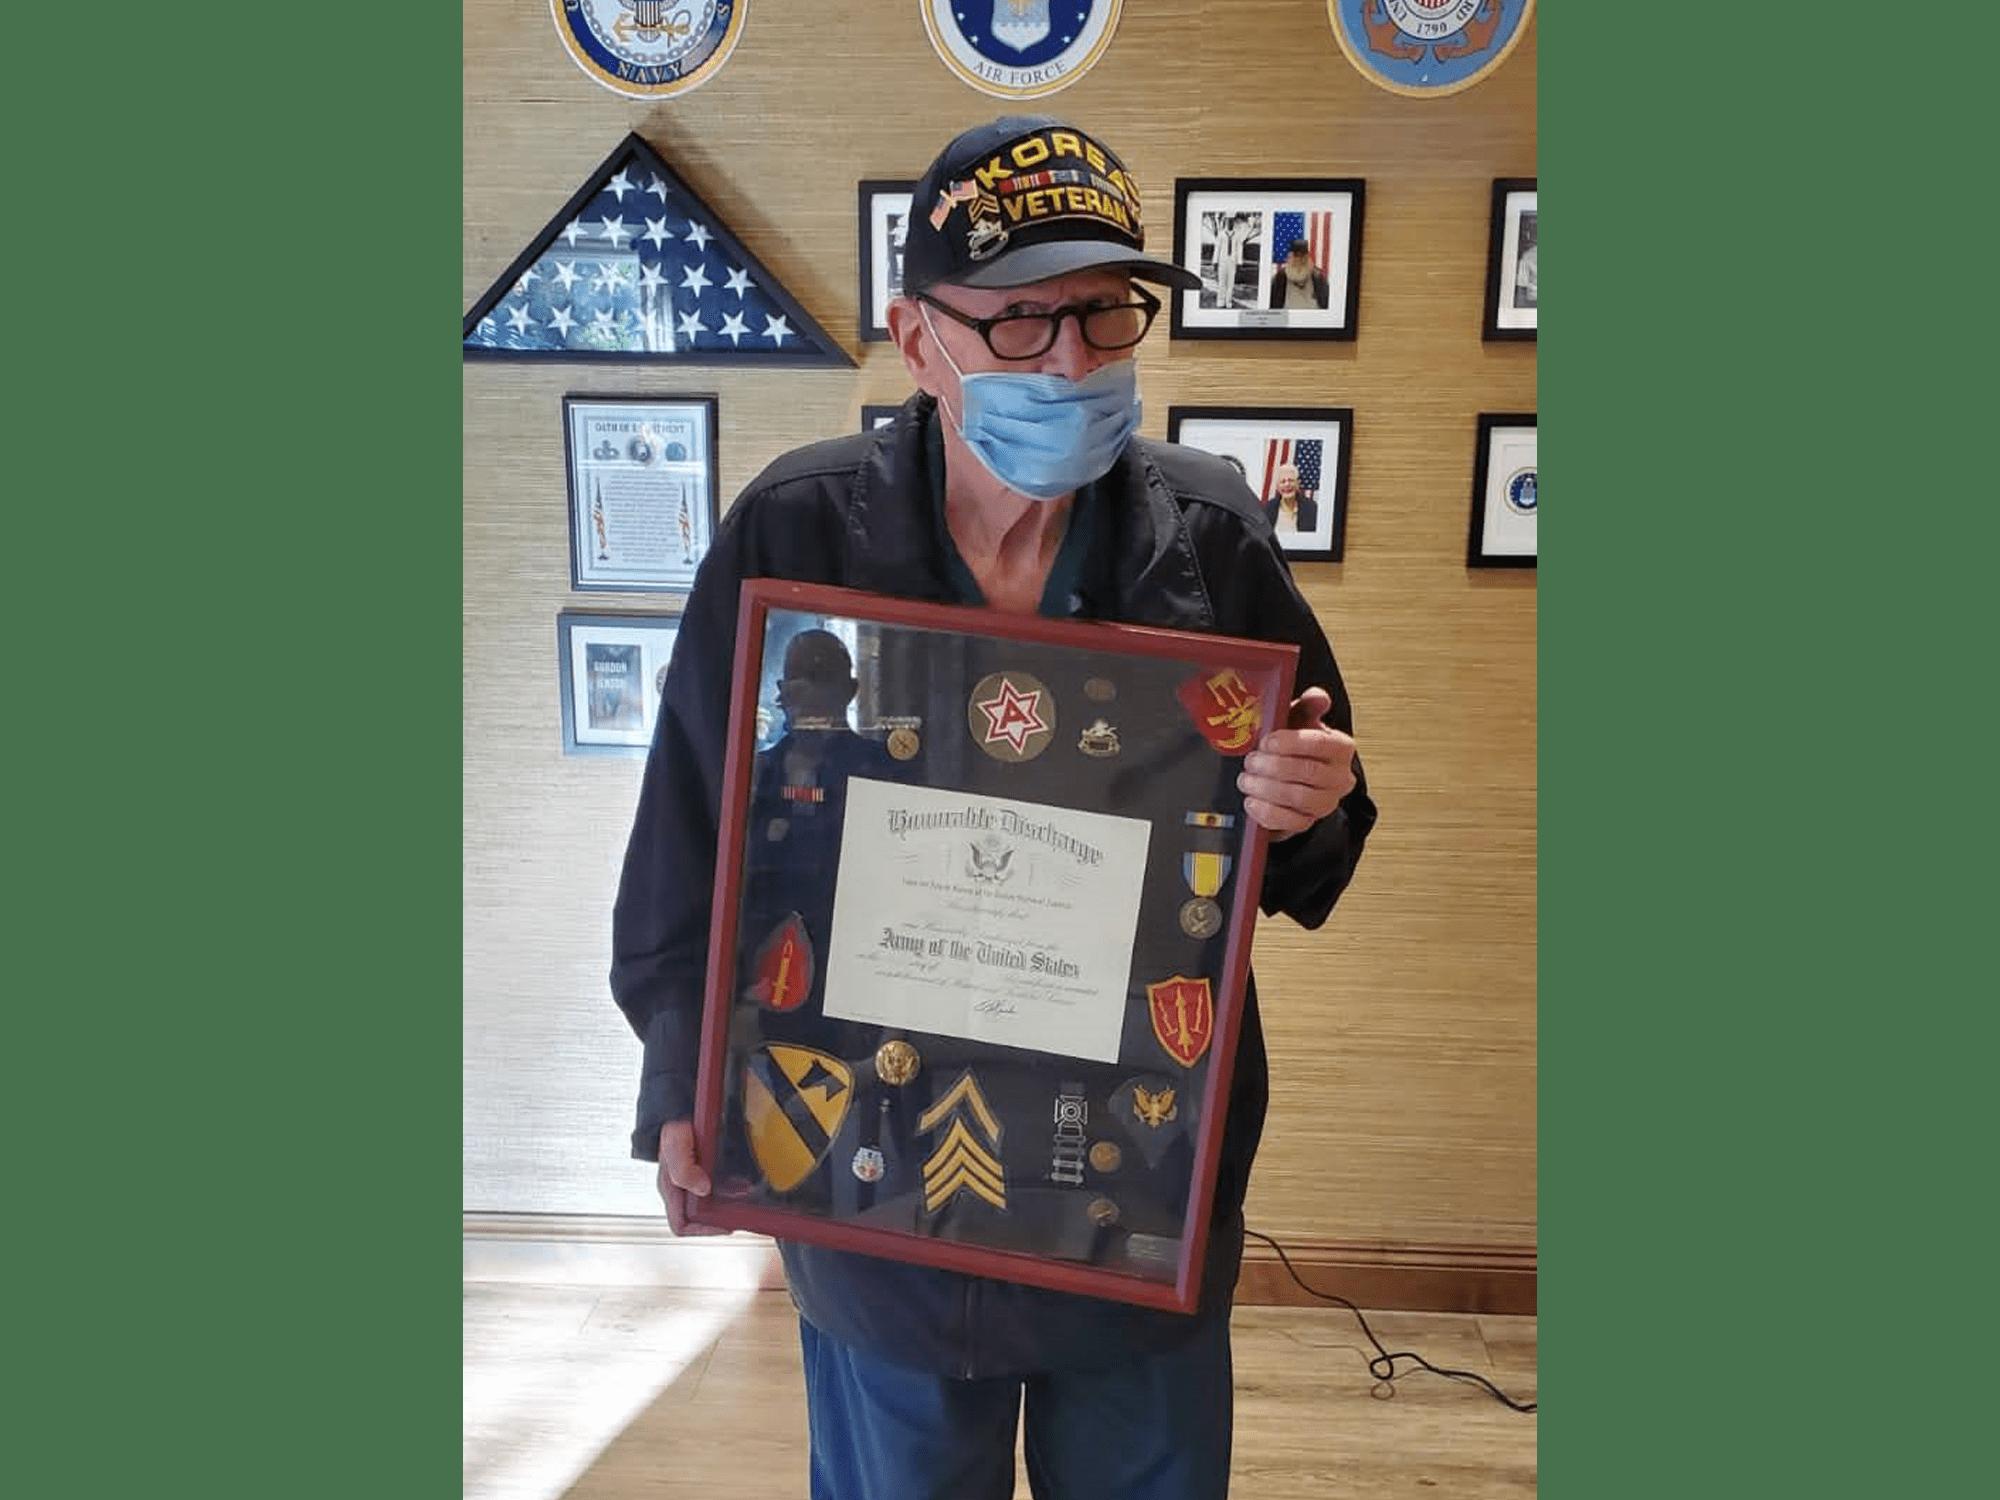 A veteran at The Montera in La Mesa, CA